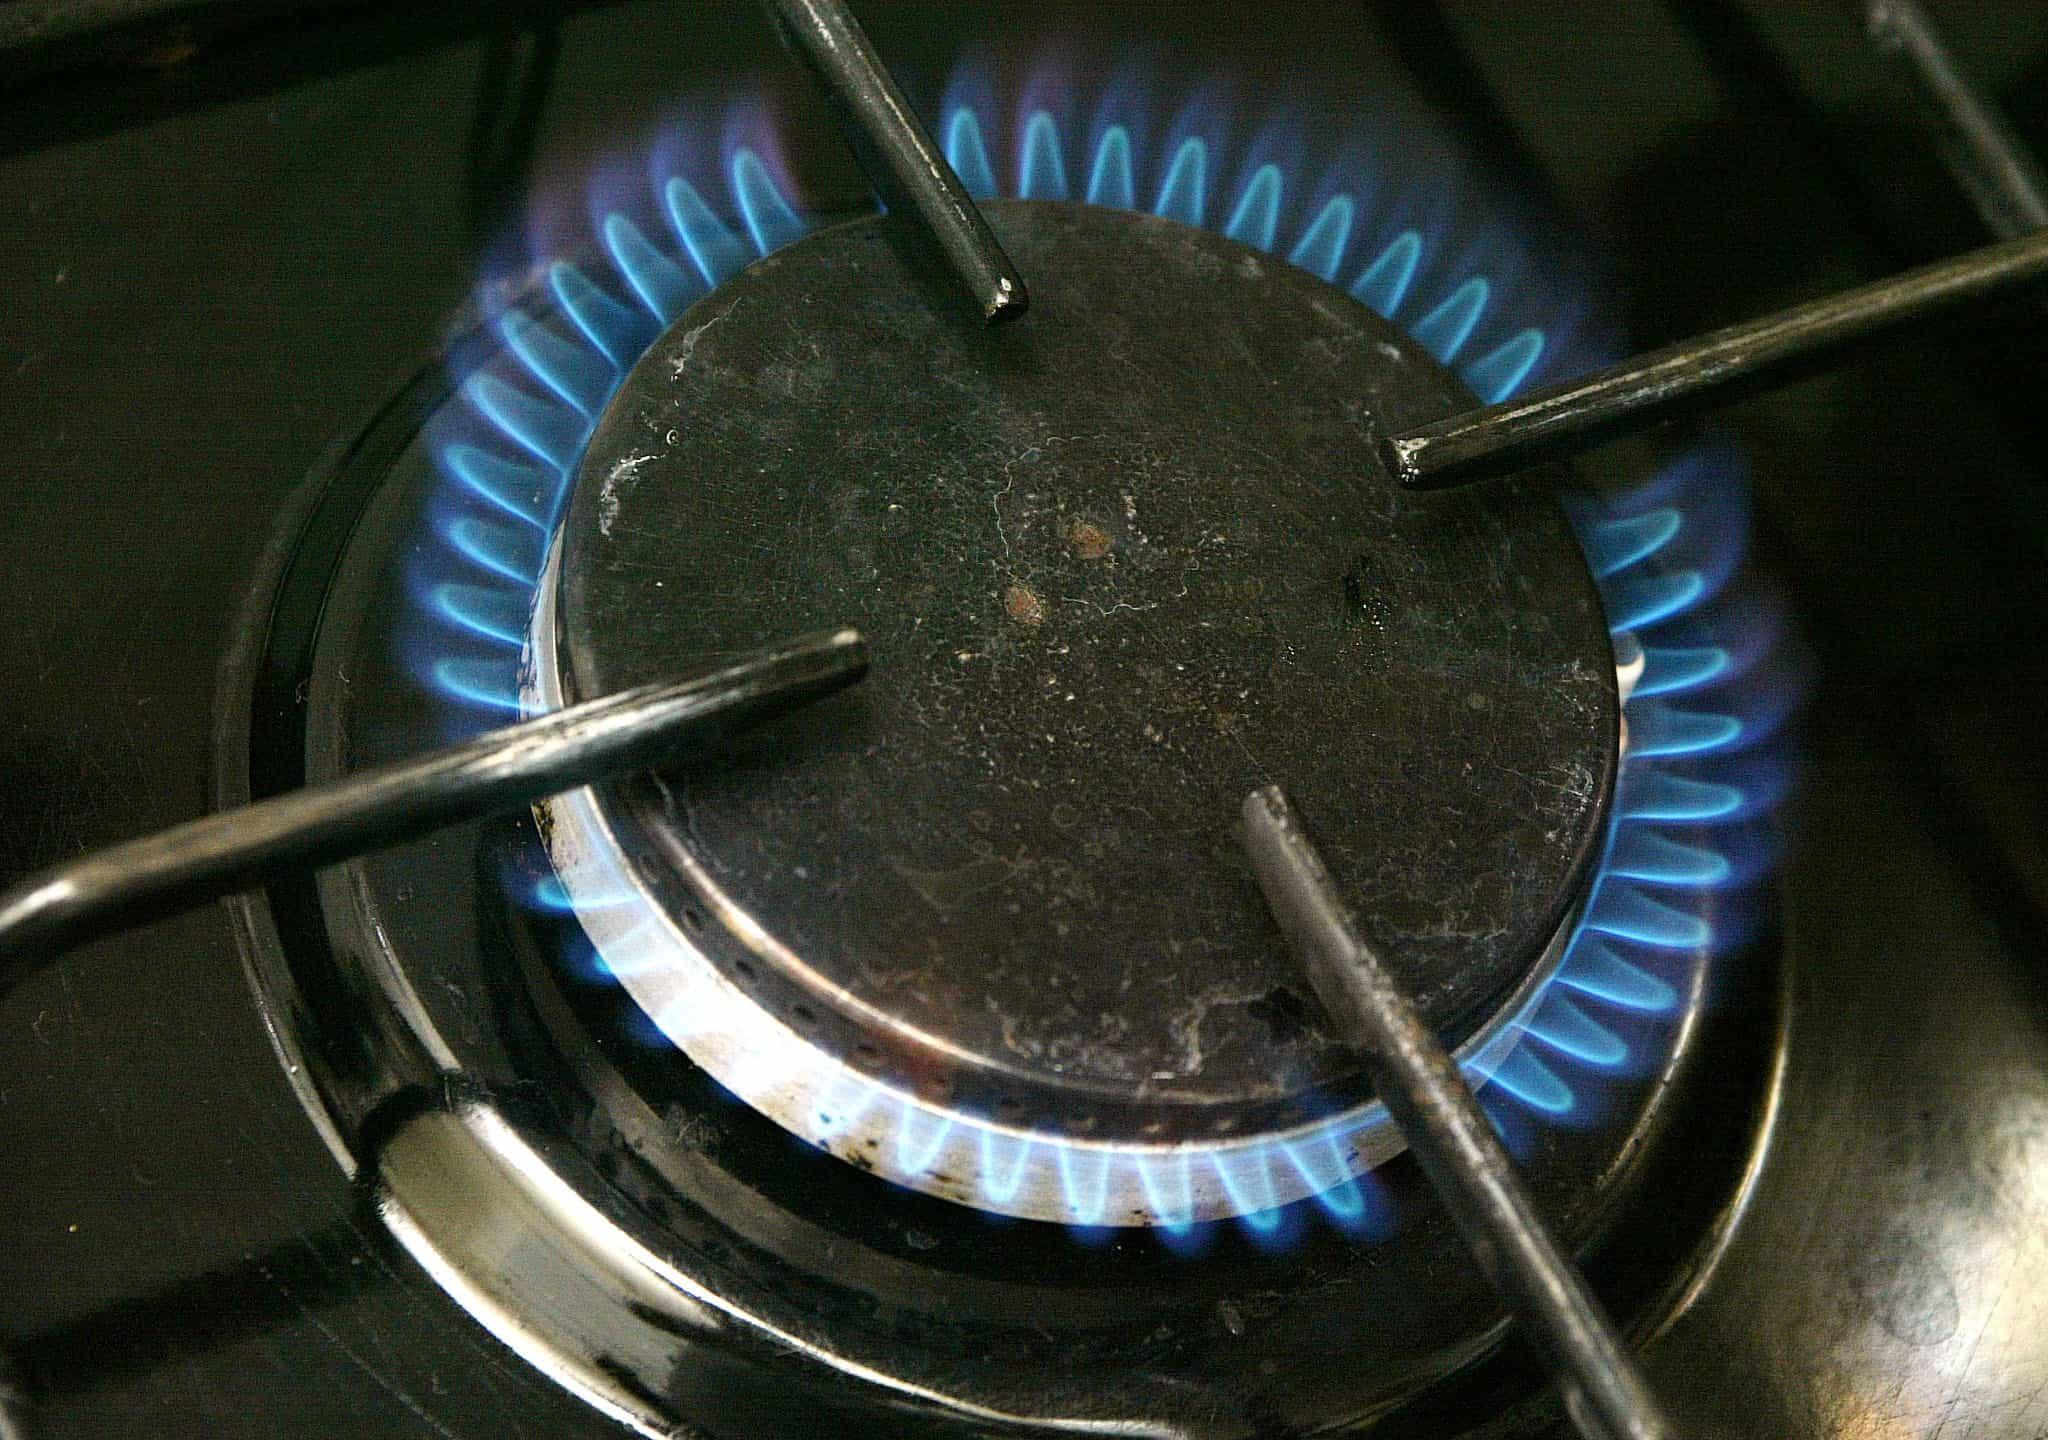 Preço do gás natural para as famílias em Portugal é o 3.º mais caro da UE